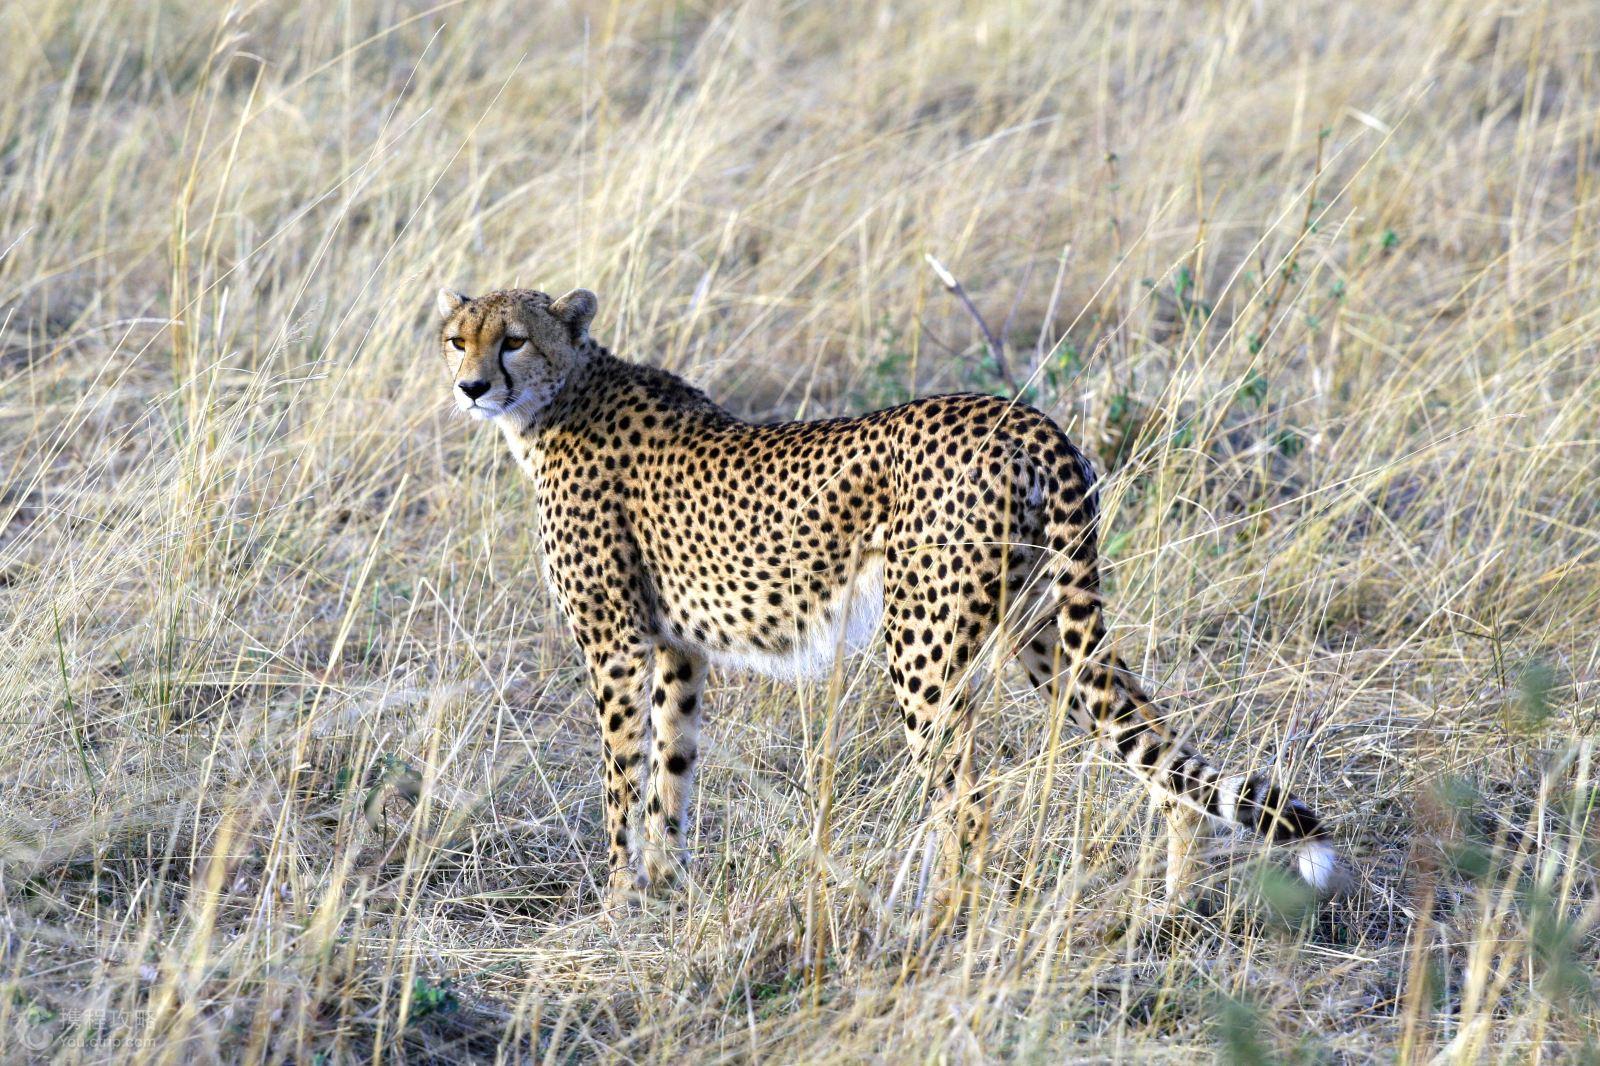 《动物世界》拍摄地,全世界风景最美的野生动物保护